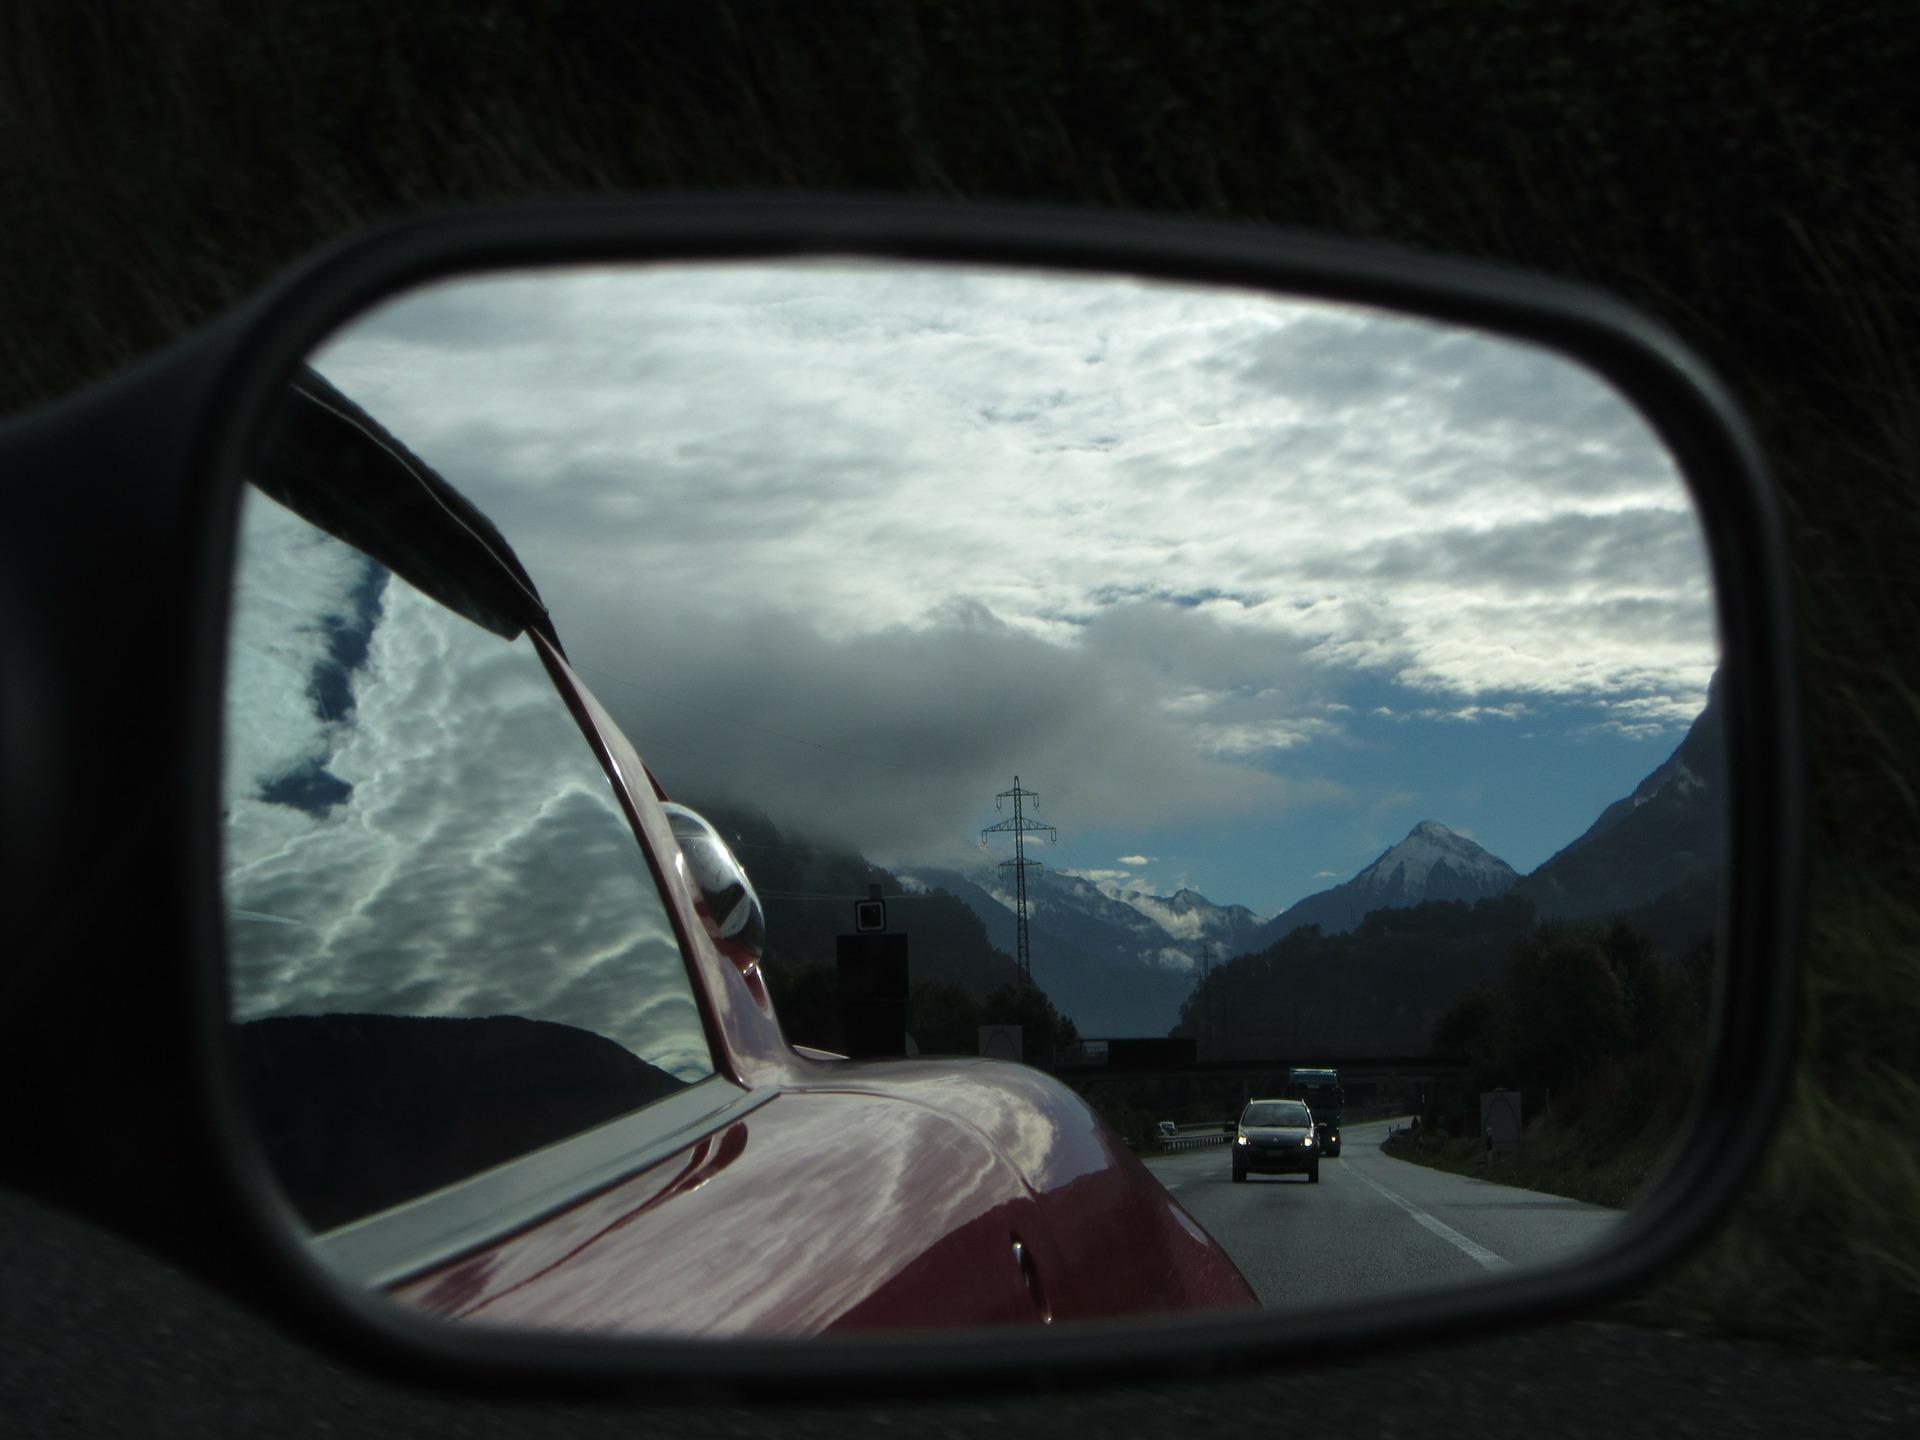 regarder dans le retroviseur peut s'averer dangereux